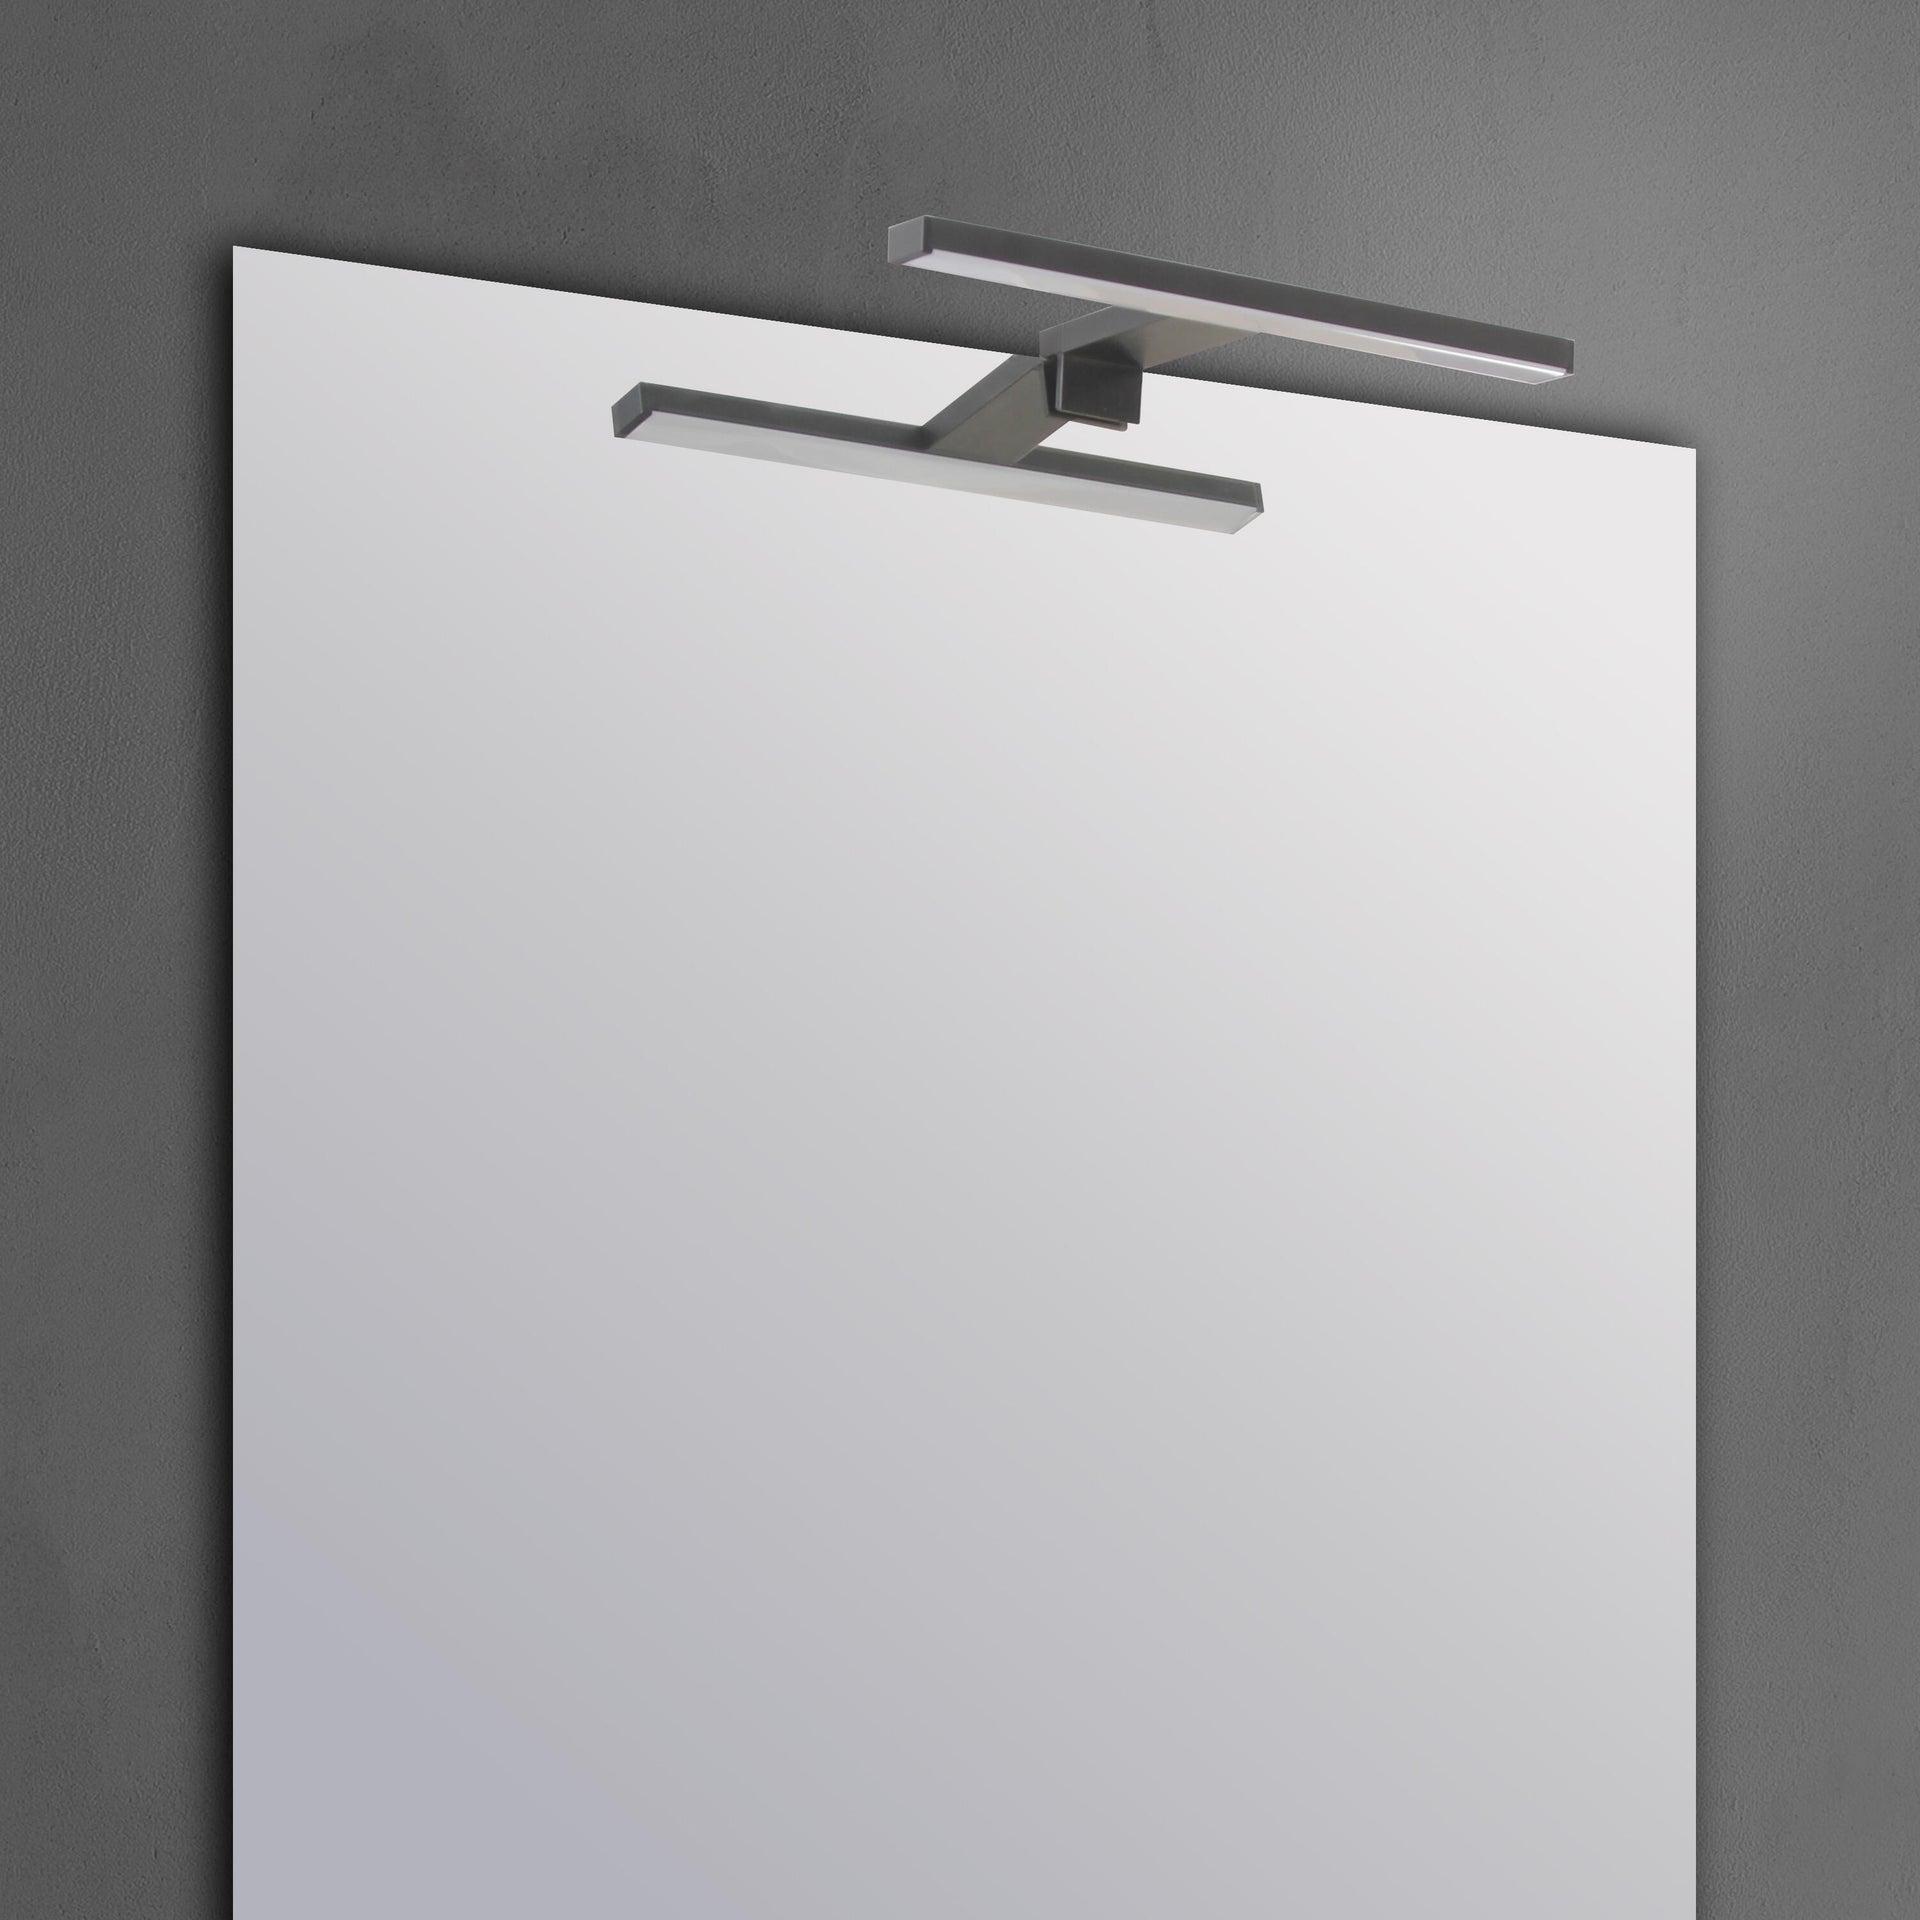 Applique moderno Slim con kit multi attacco , in alluminio, 50.0x50.0 cm, INSPIRE - 5